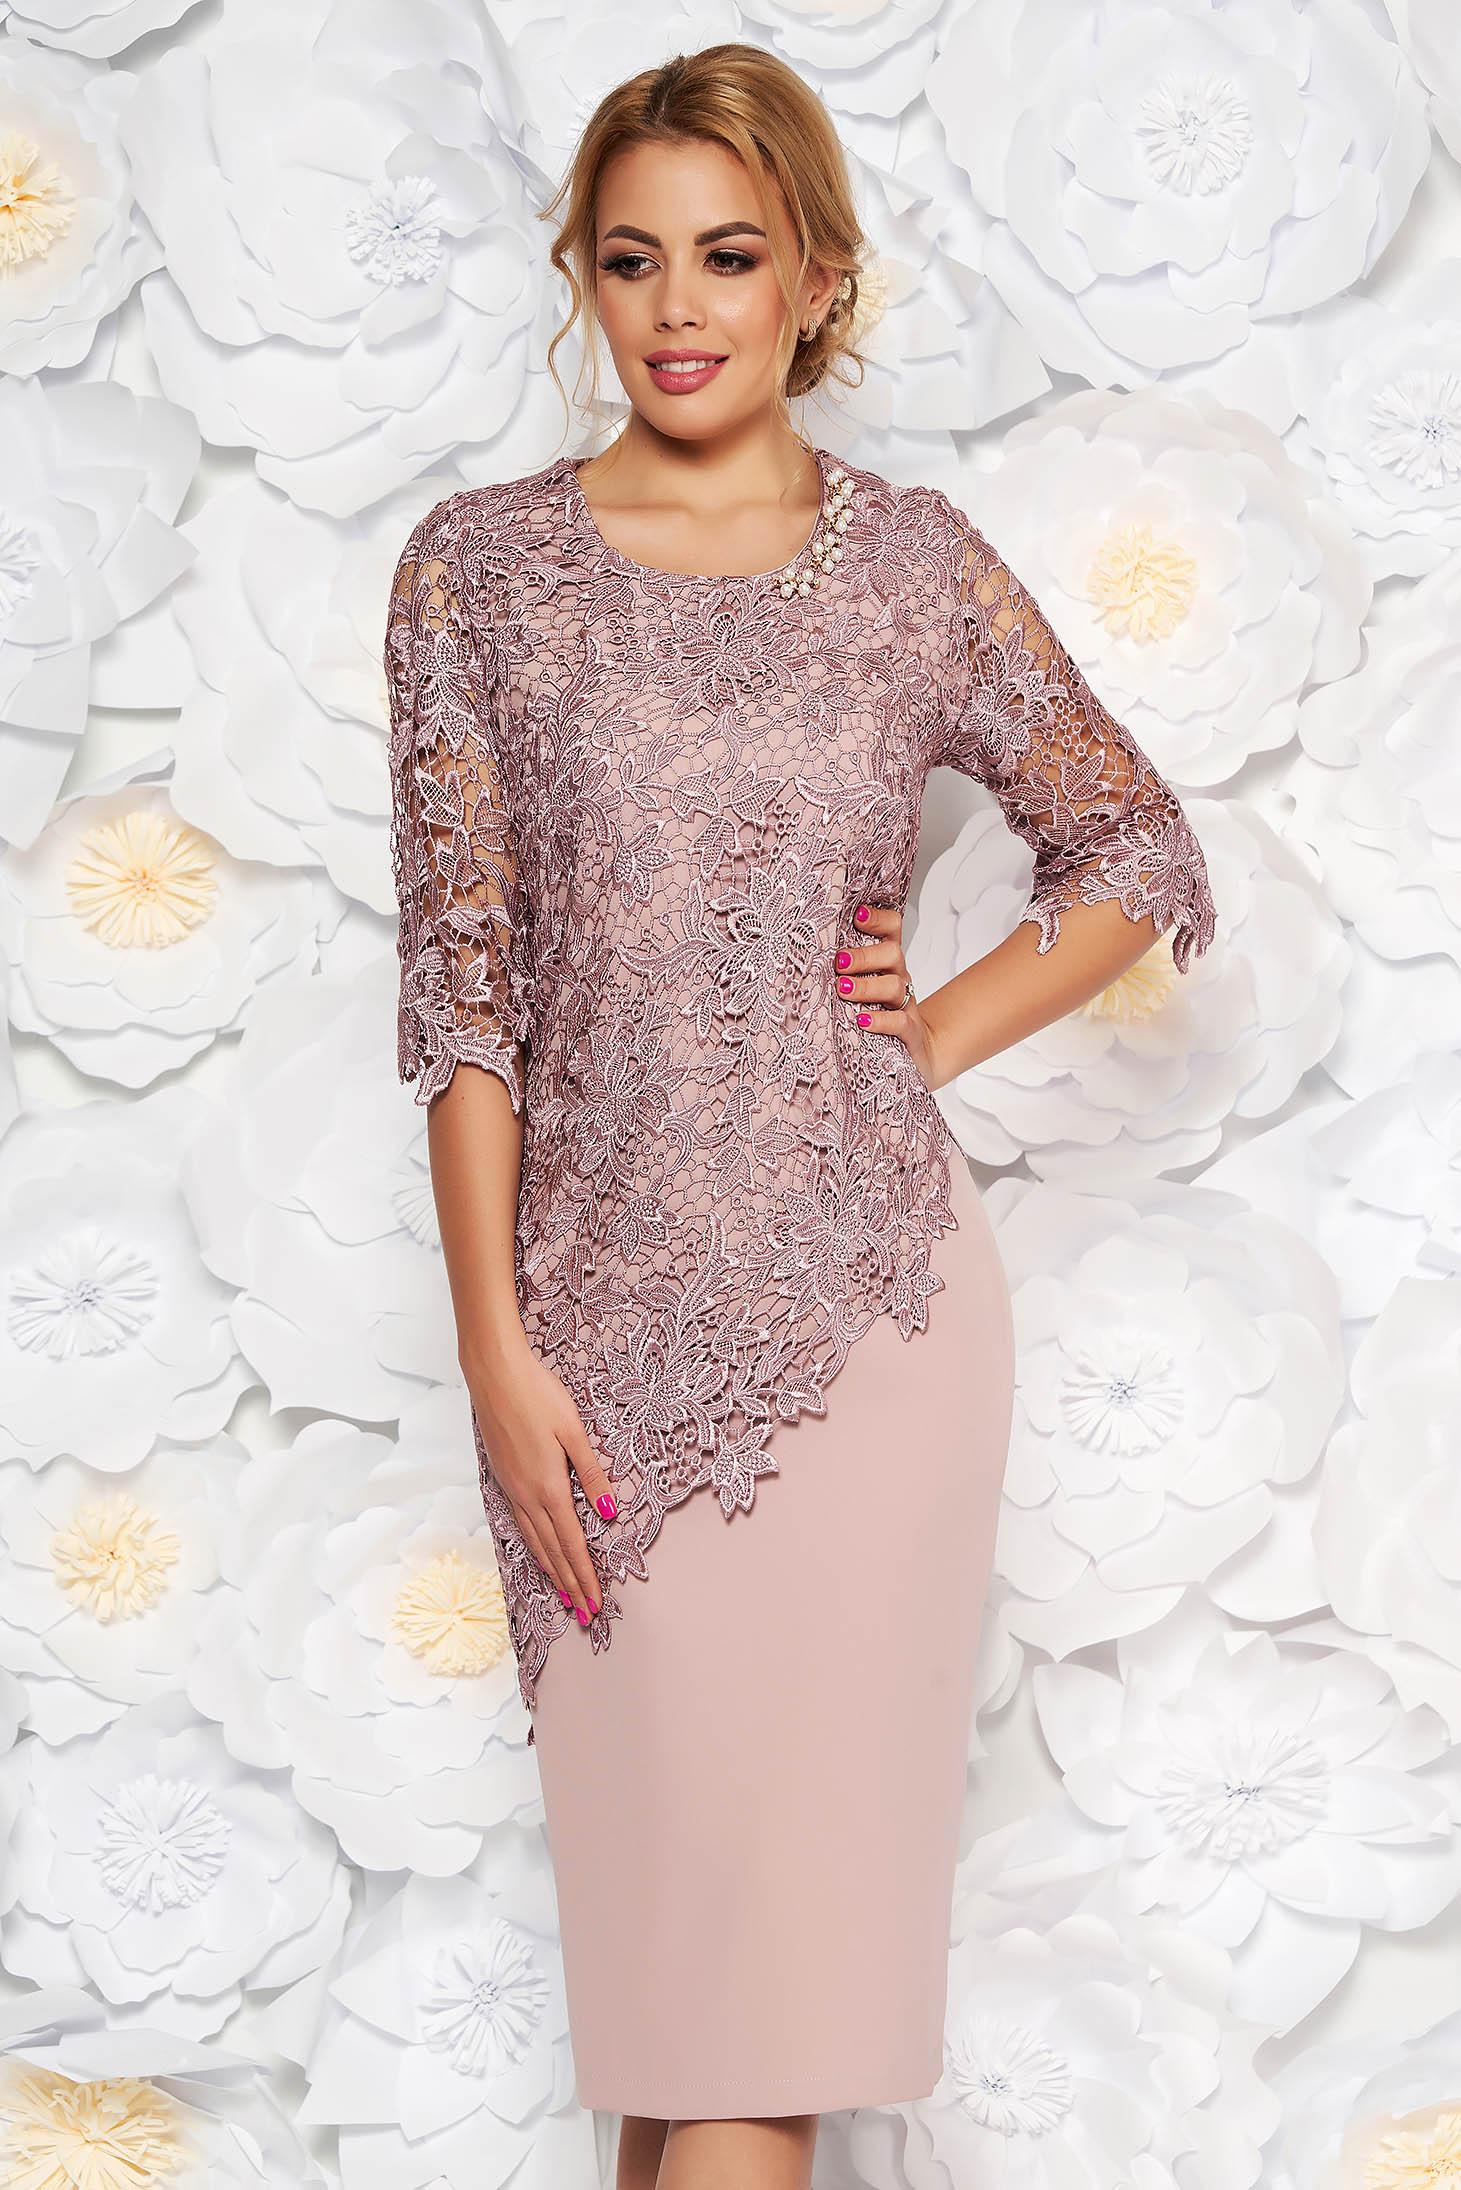 7f21f6275 Rózsaszínű alkalmi midi ruha 3/4-es ujjakkal szűk szabás enyhén elasztikus  szövet csipkés átfedés